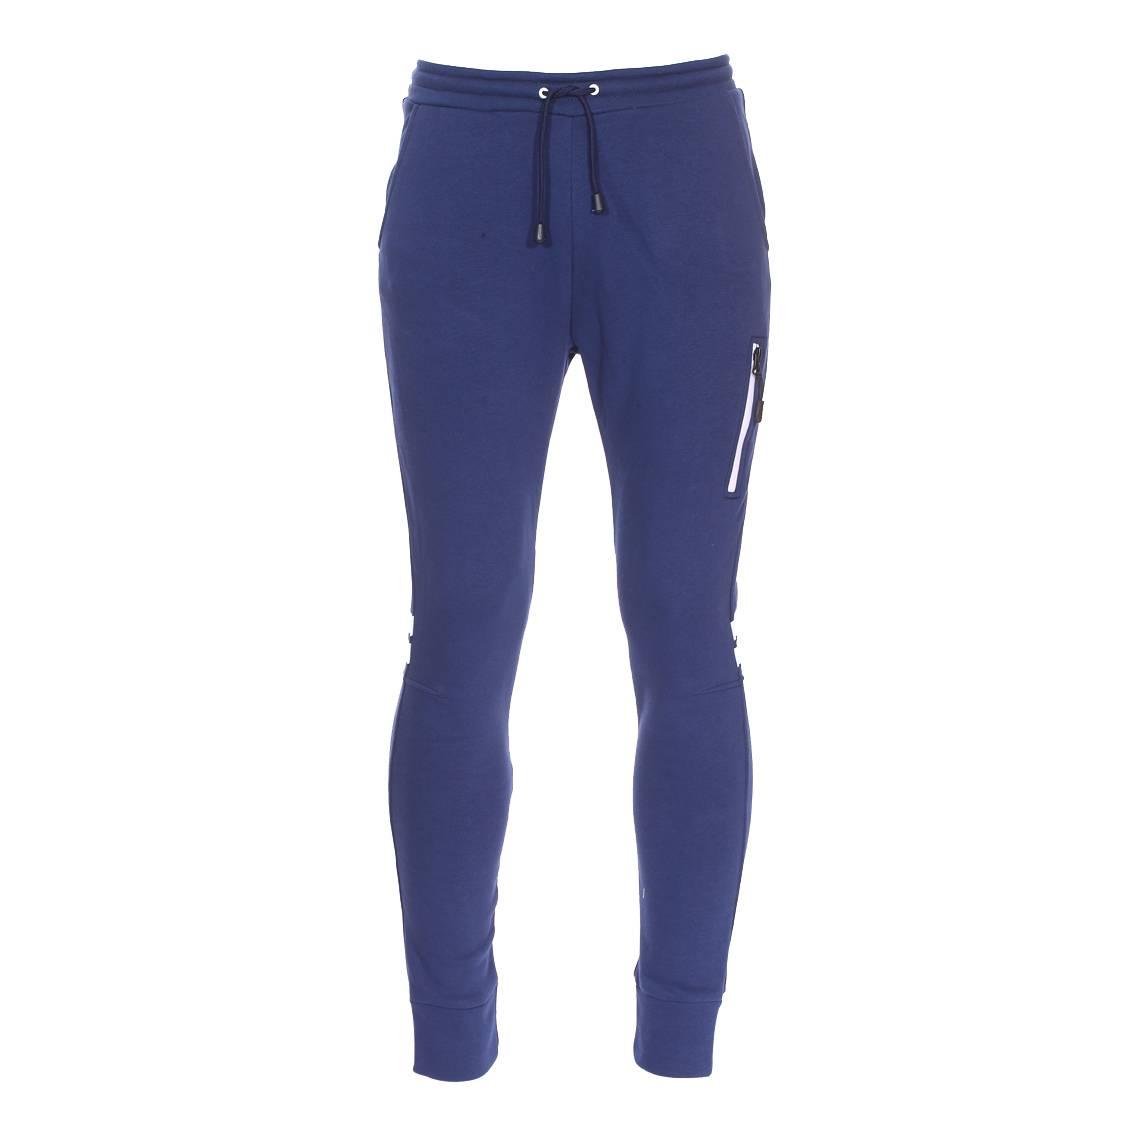 Ellesse Marine Heritage Pantalon Coton Mélangé Bleu Jogging De En lJcKTF1